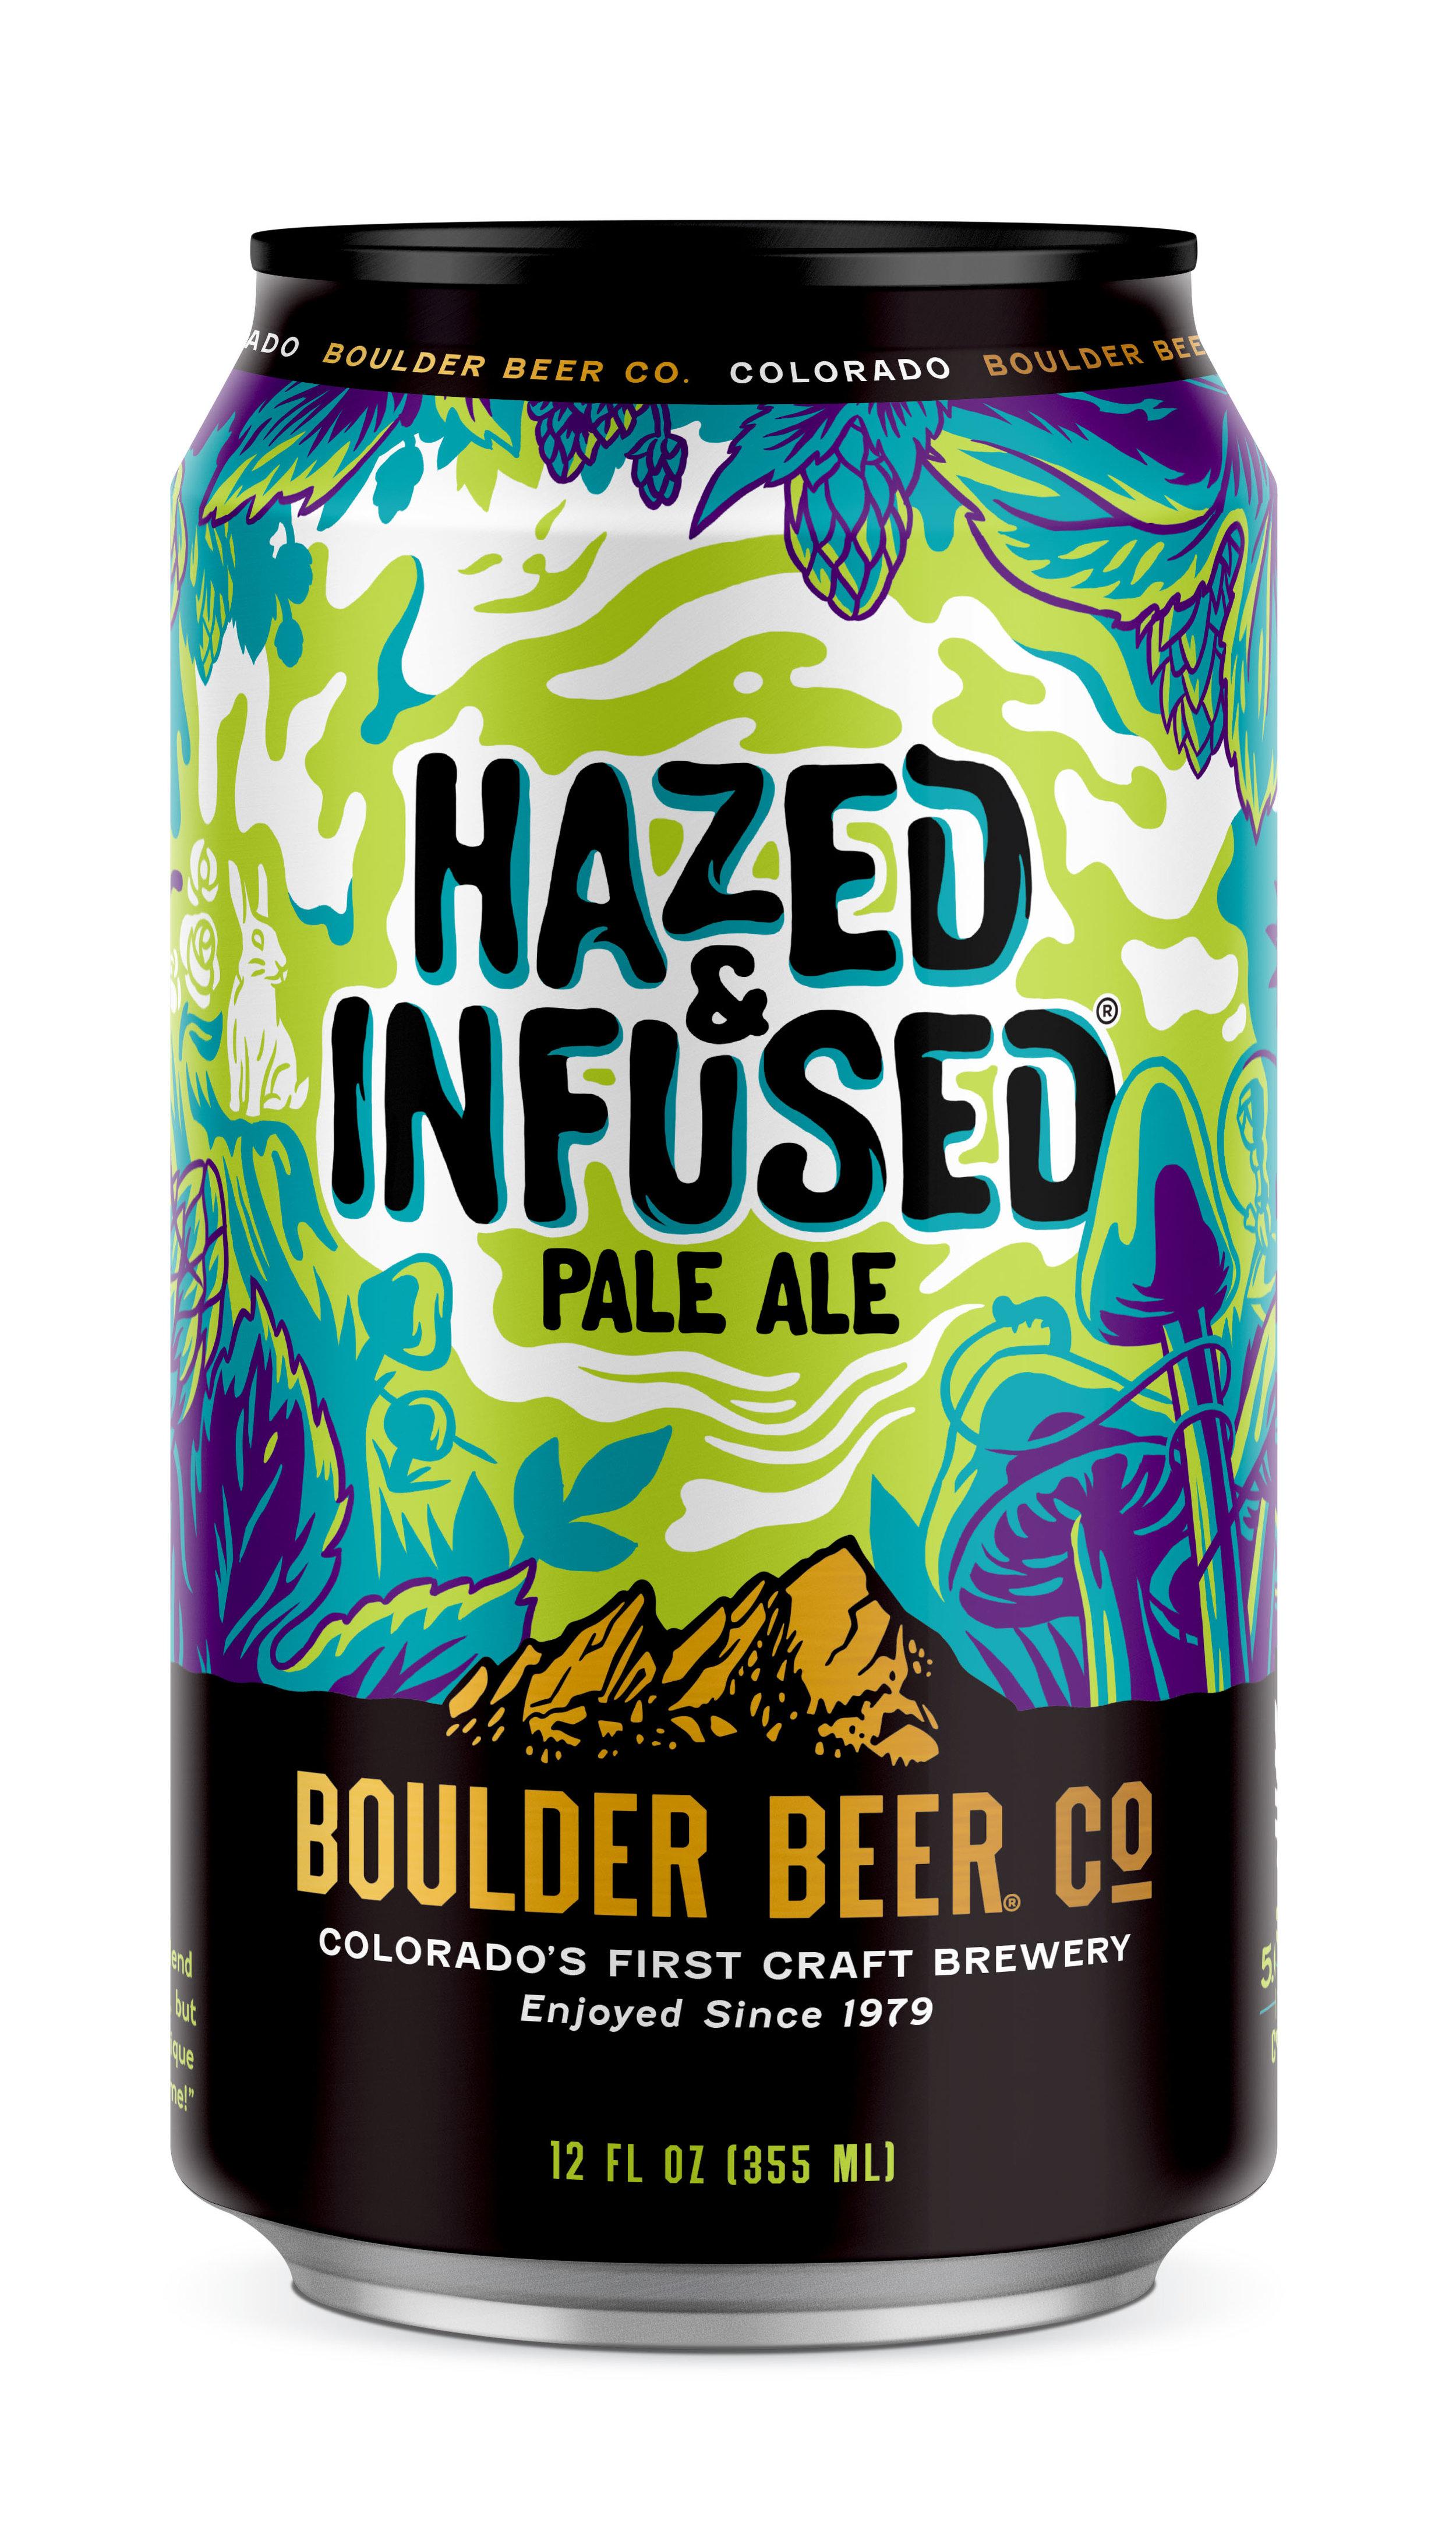 04675-1.3 Boulder Beer Hazed Rendering.jpg